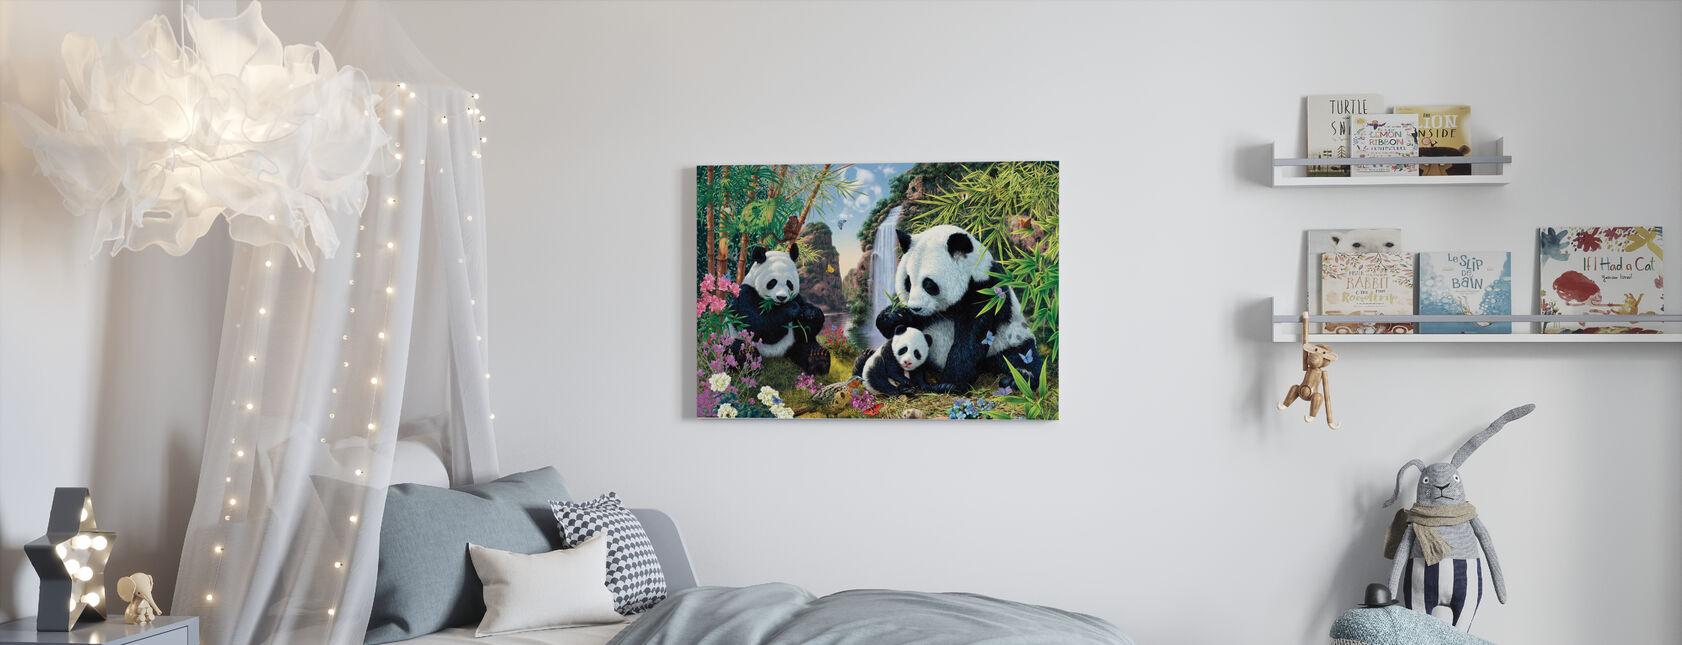 Dolina Panda - Obraz na płótnie - Pokój dziecięcy